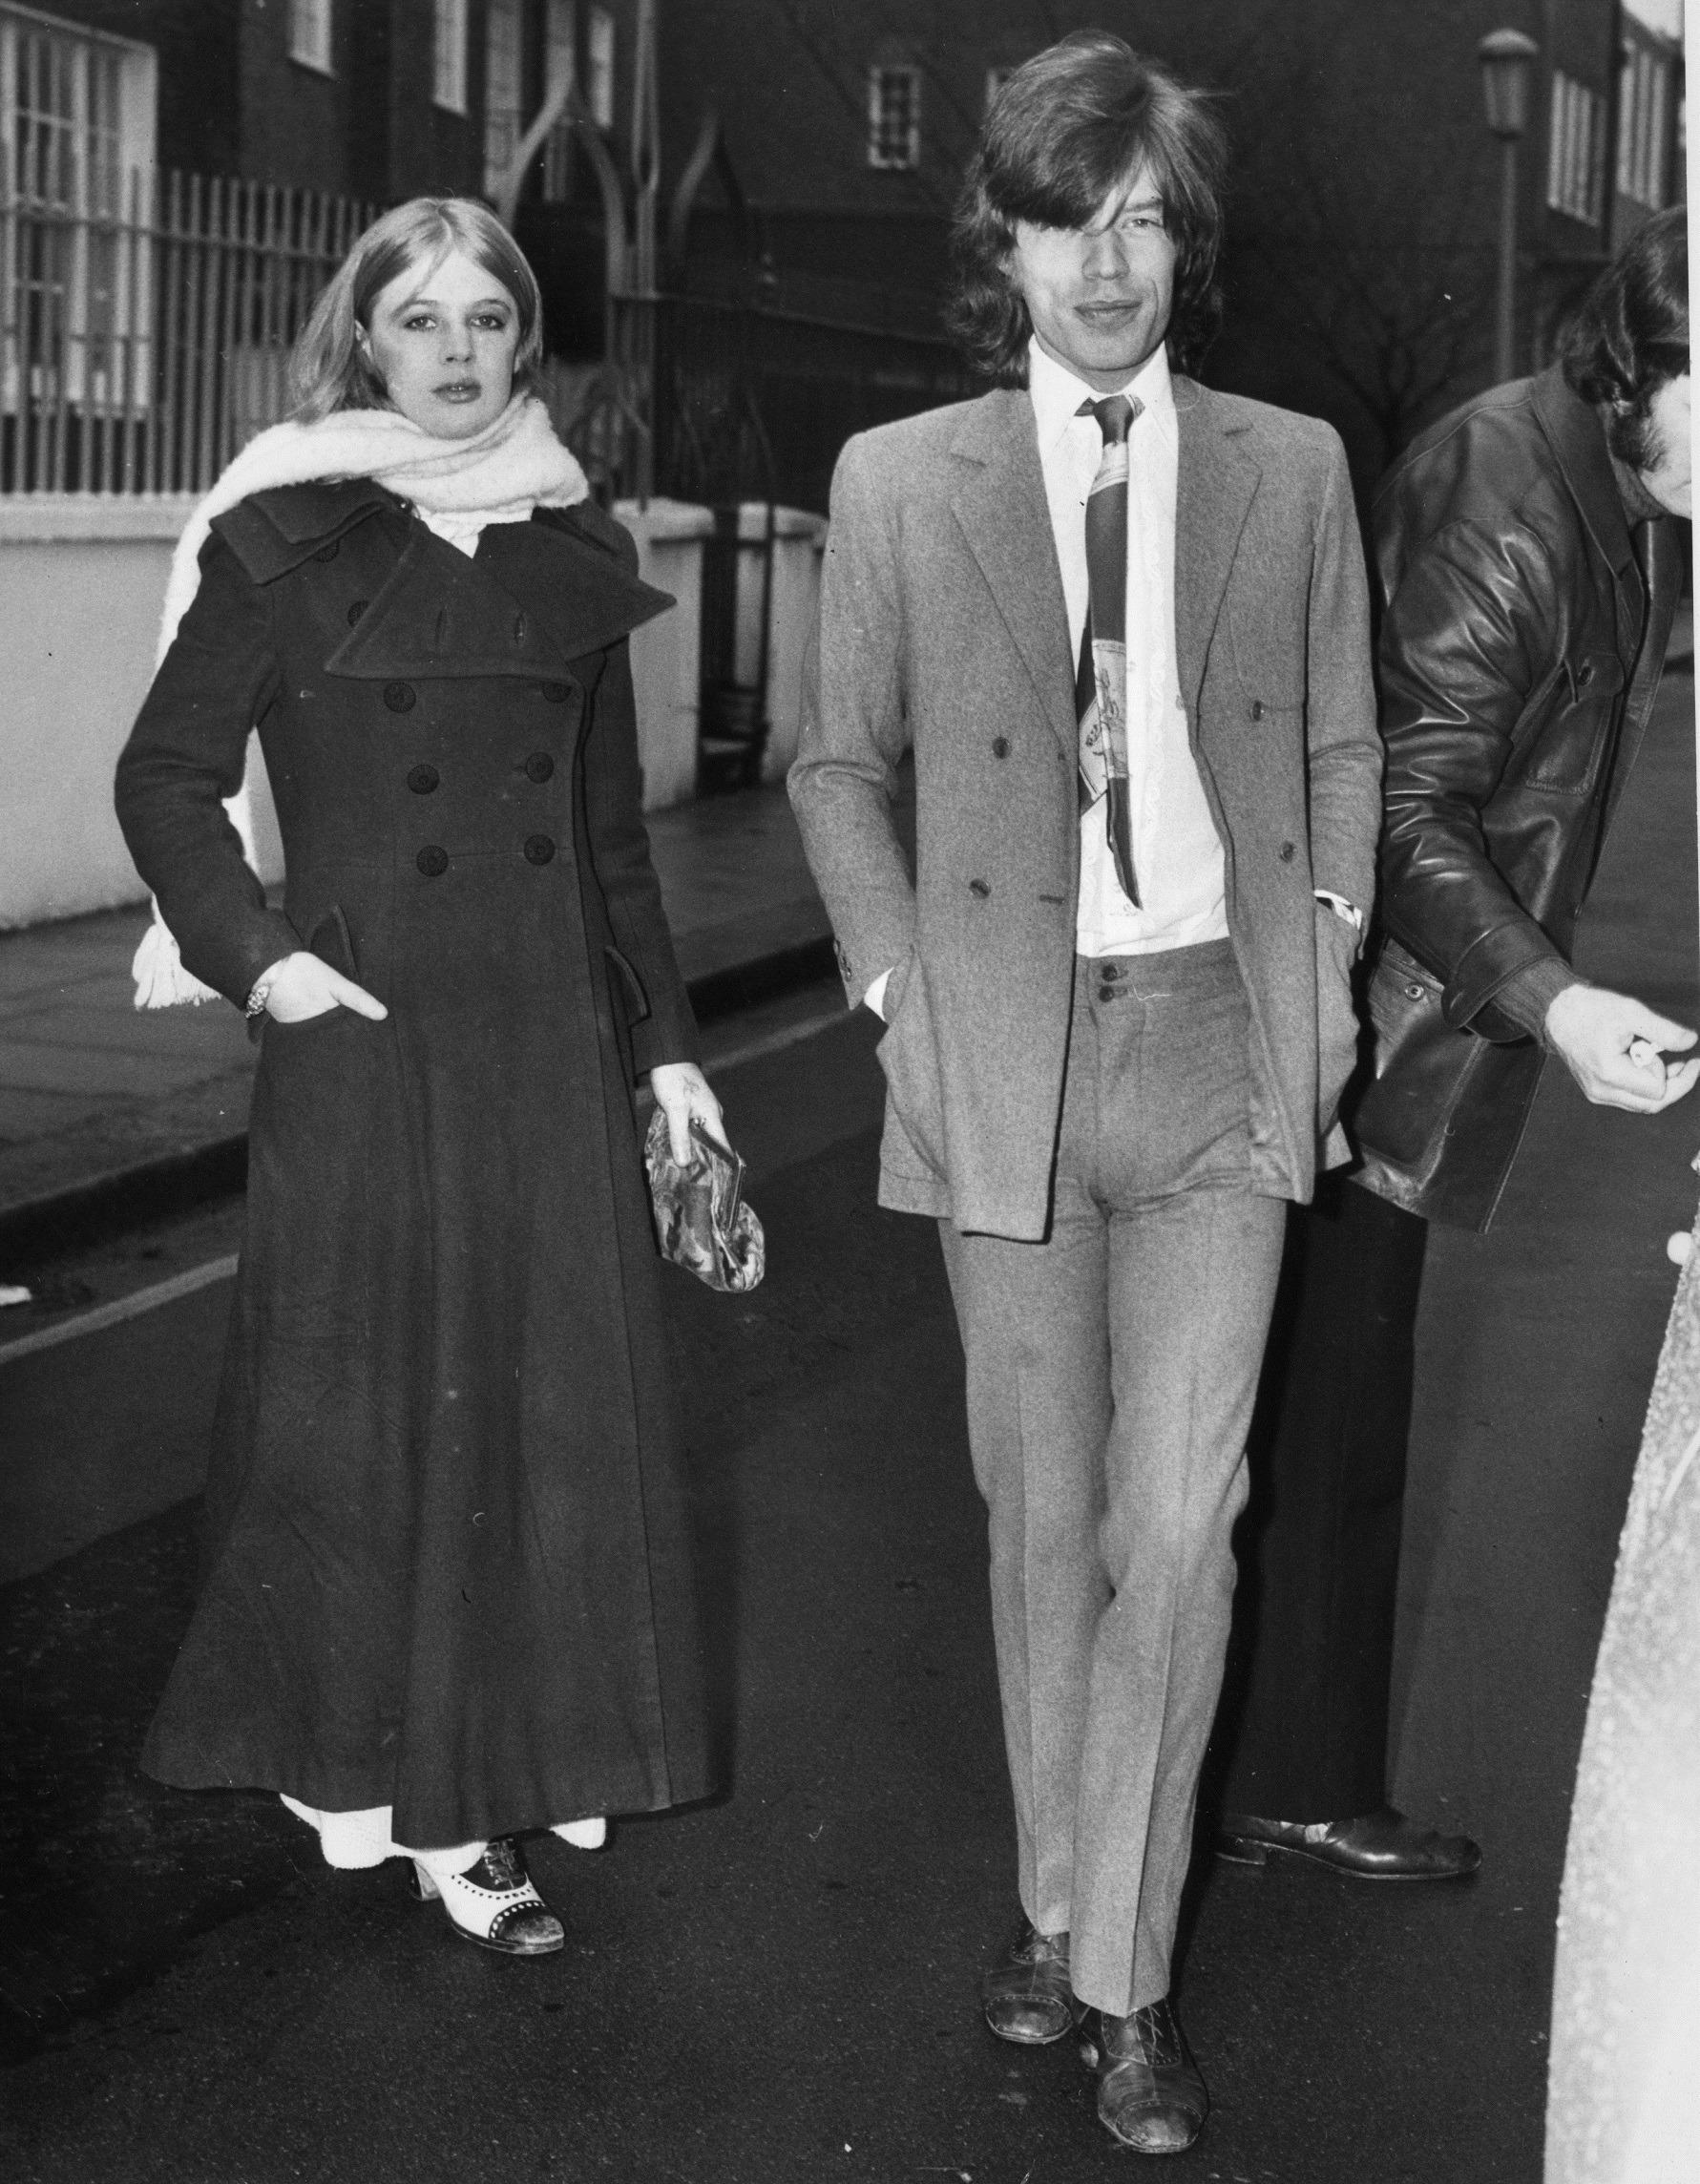 Mick Jagger 1970 Marianne Faithfull